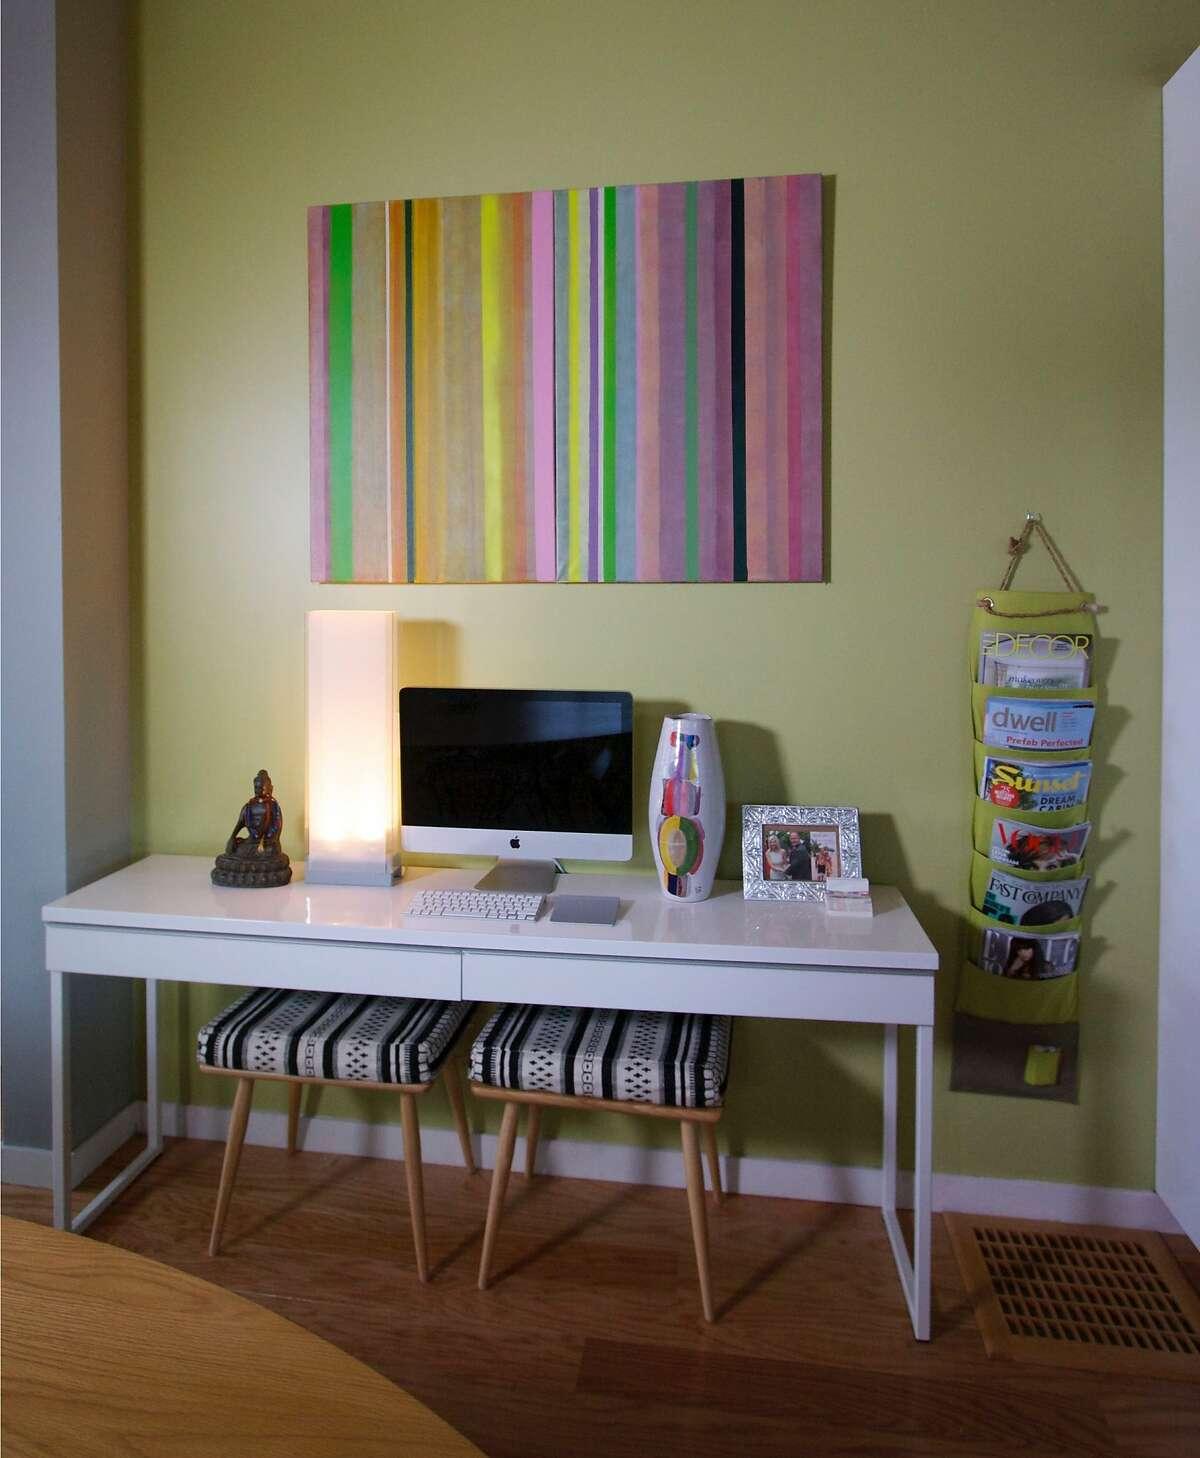 Jill McCoy fave: Color.